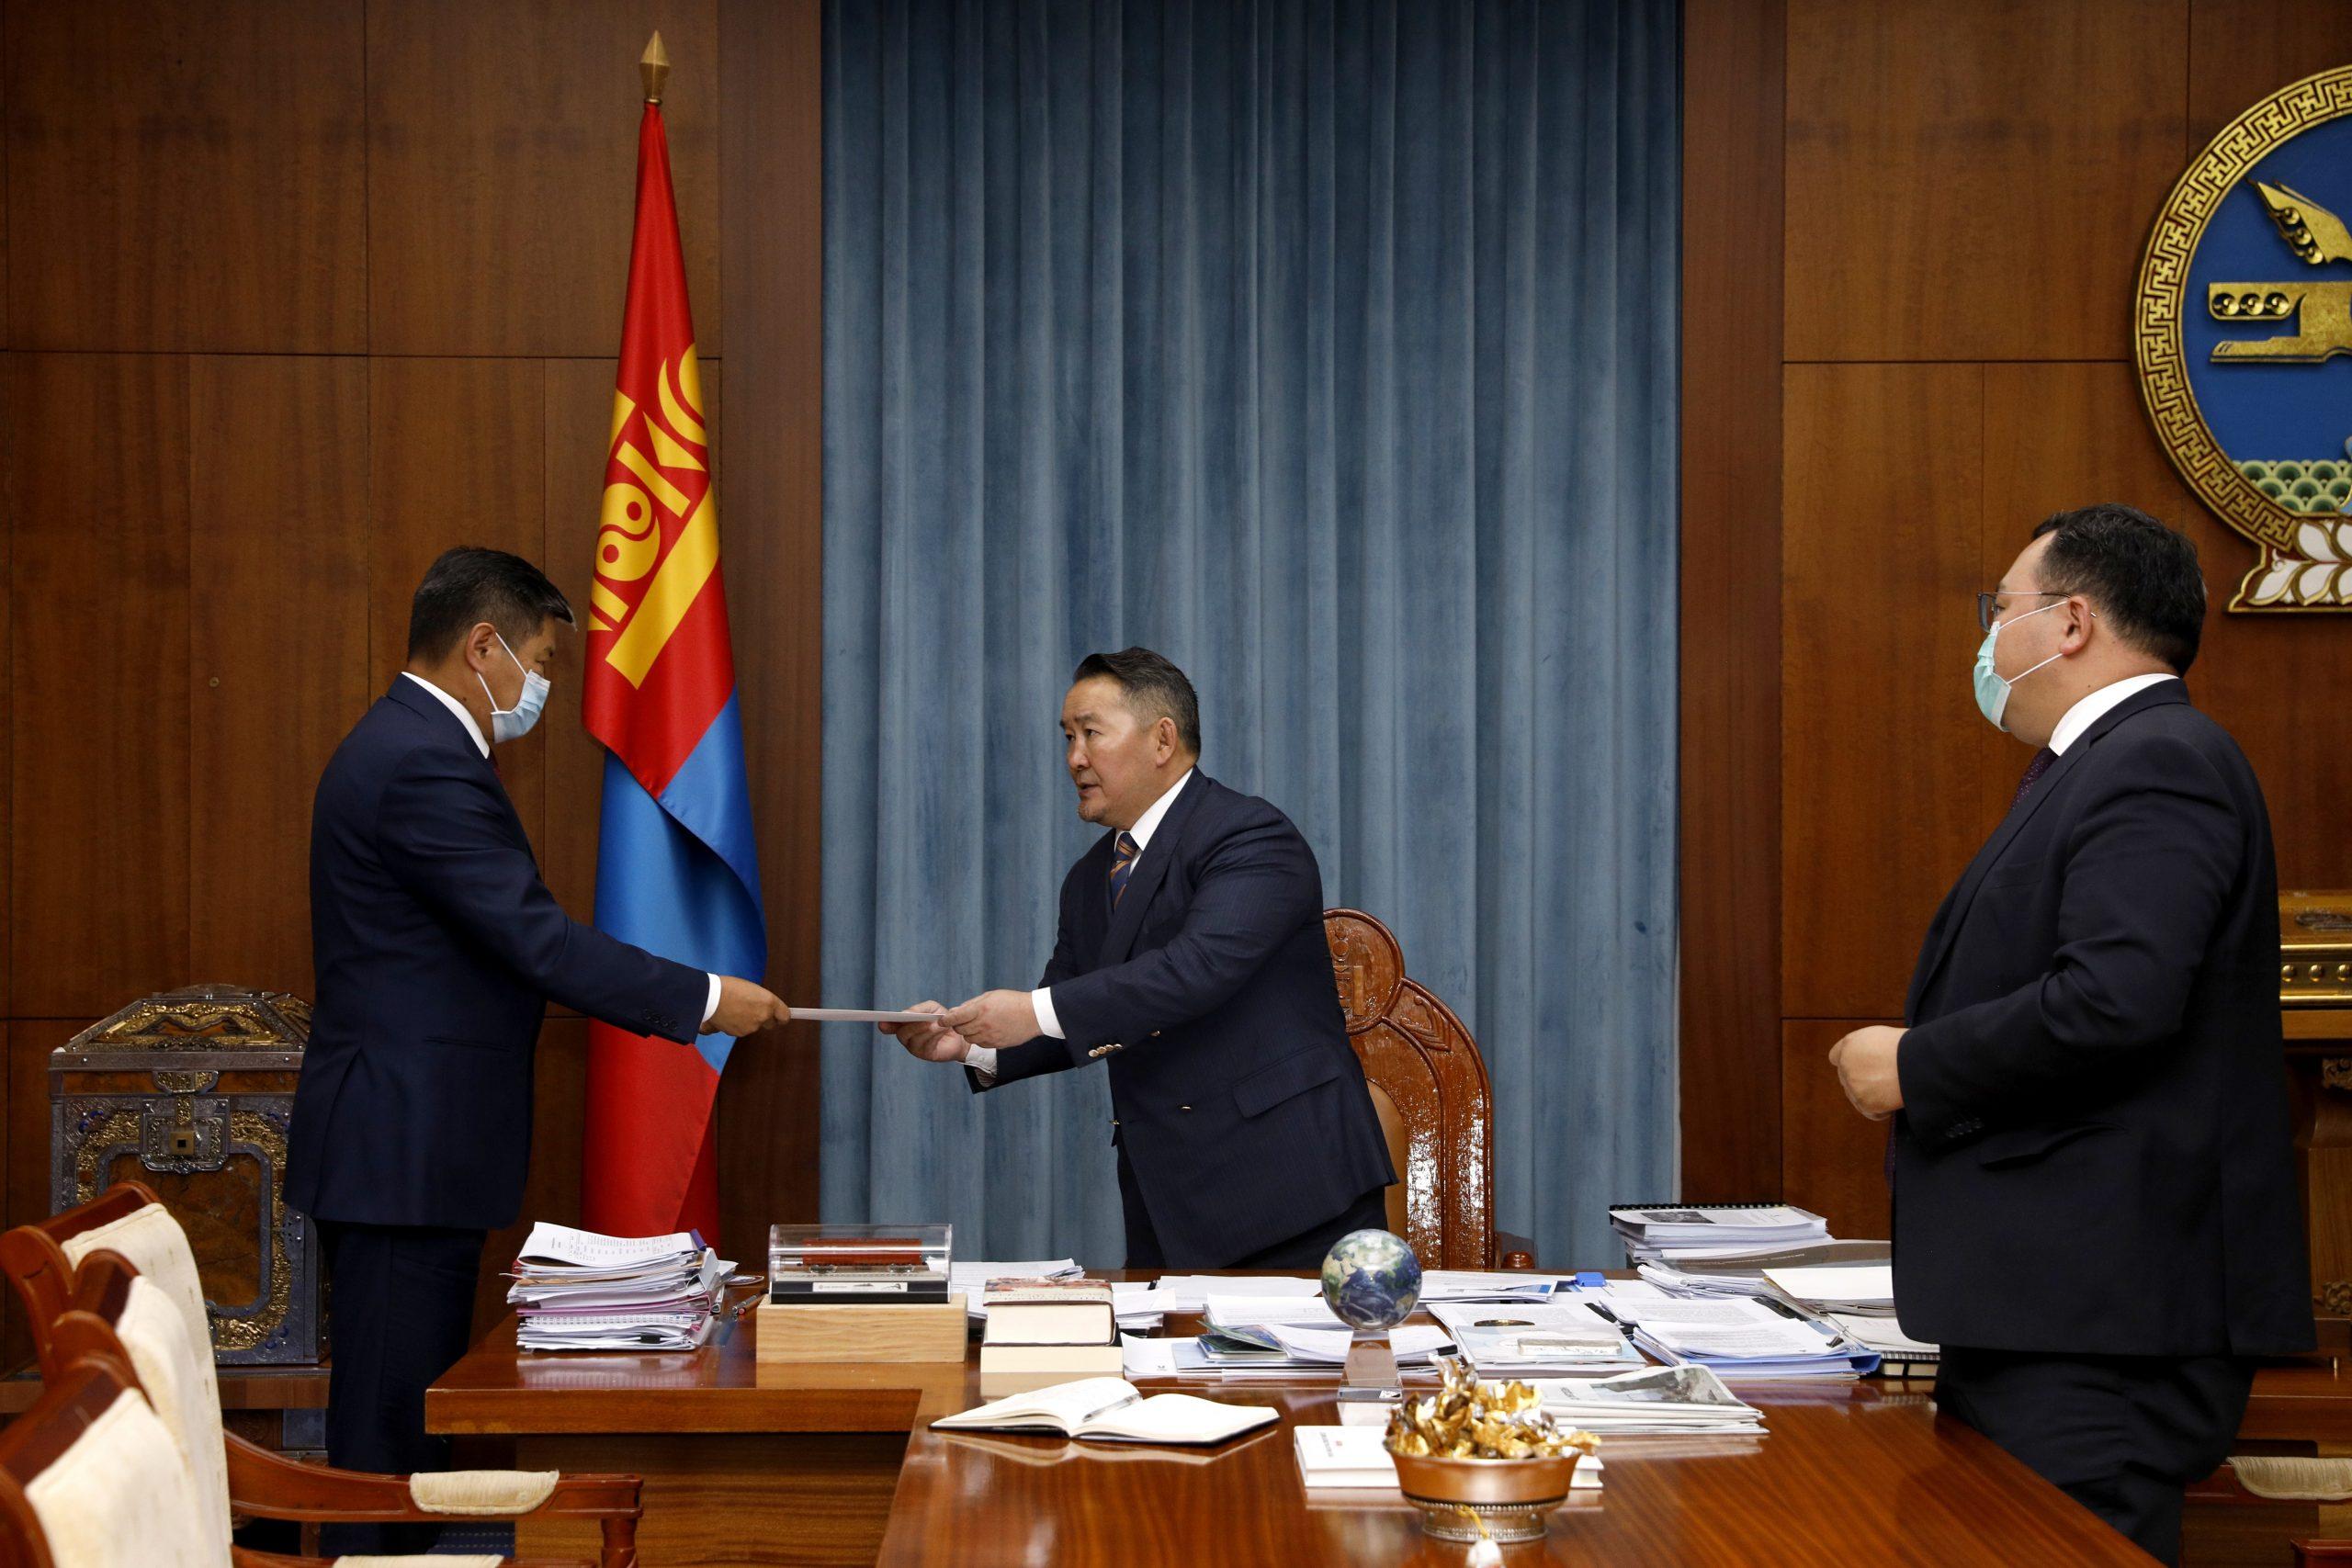 Монгол Улсын Ерөнхийлөгч Х.Баттулга БНХАУ-д суух Элчин сайдаар томилогдсон хошууч генерал Т.Бадралд Итгэмжлэх жуух бичиг гардууллаа